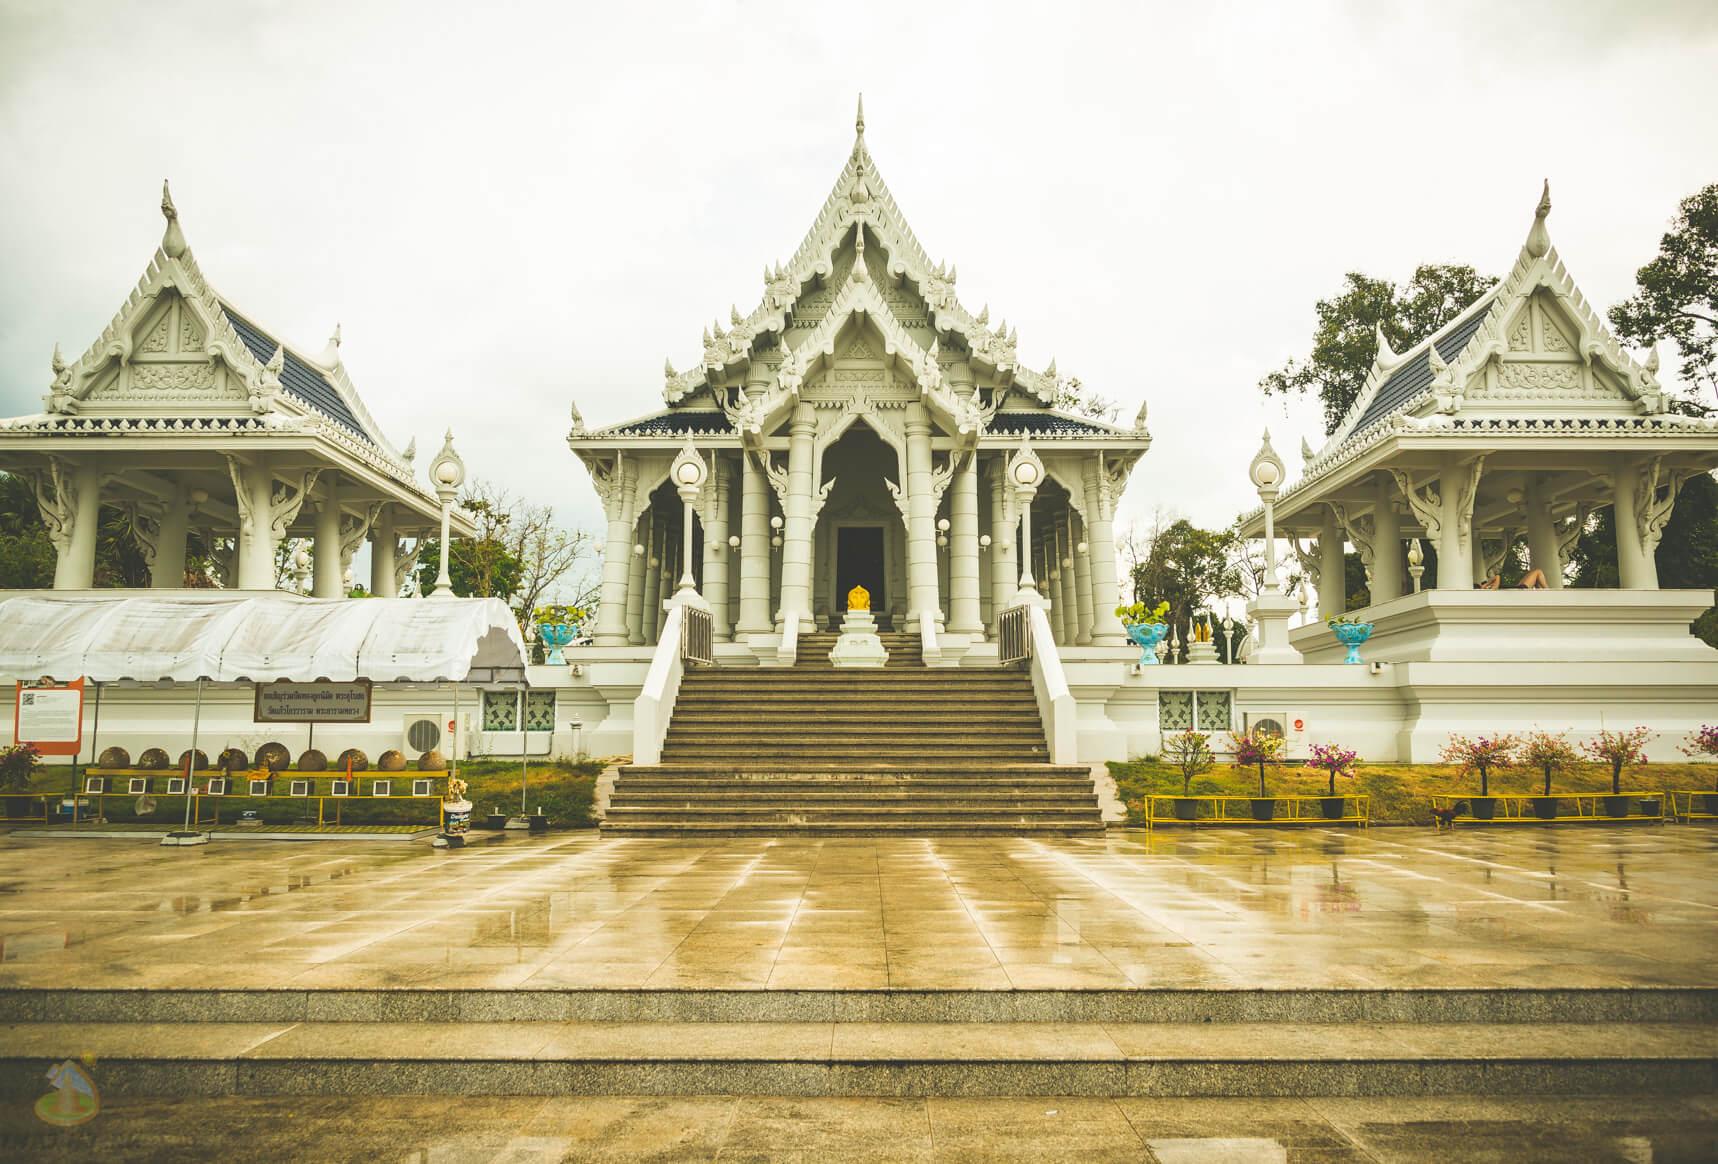 Фото Белого Храма в Краби Таун